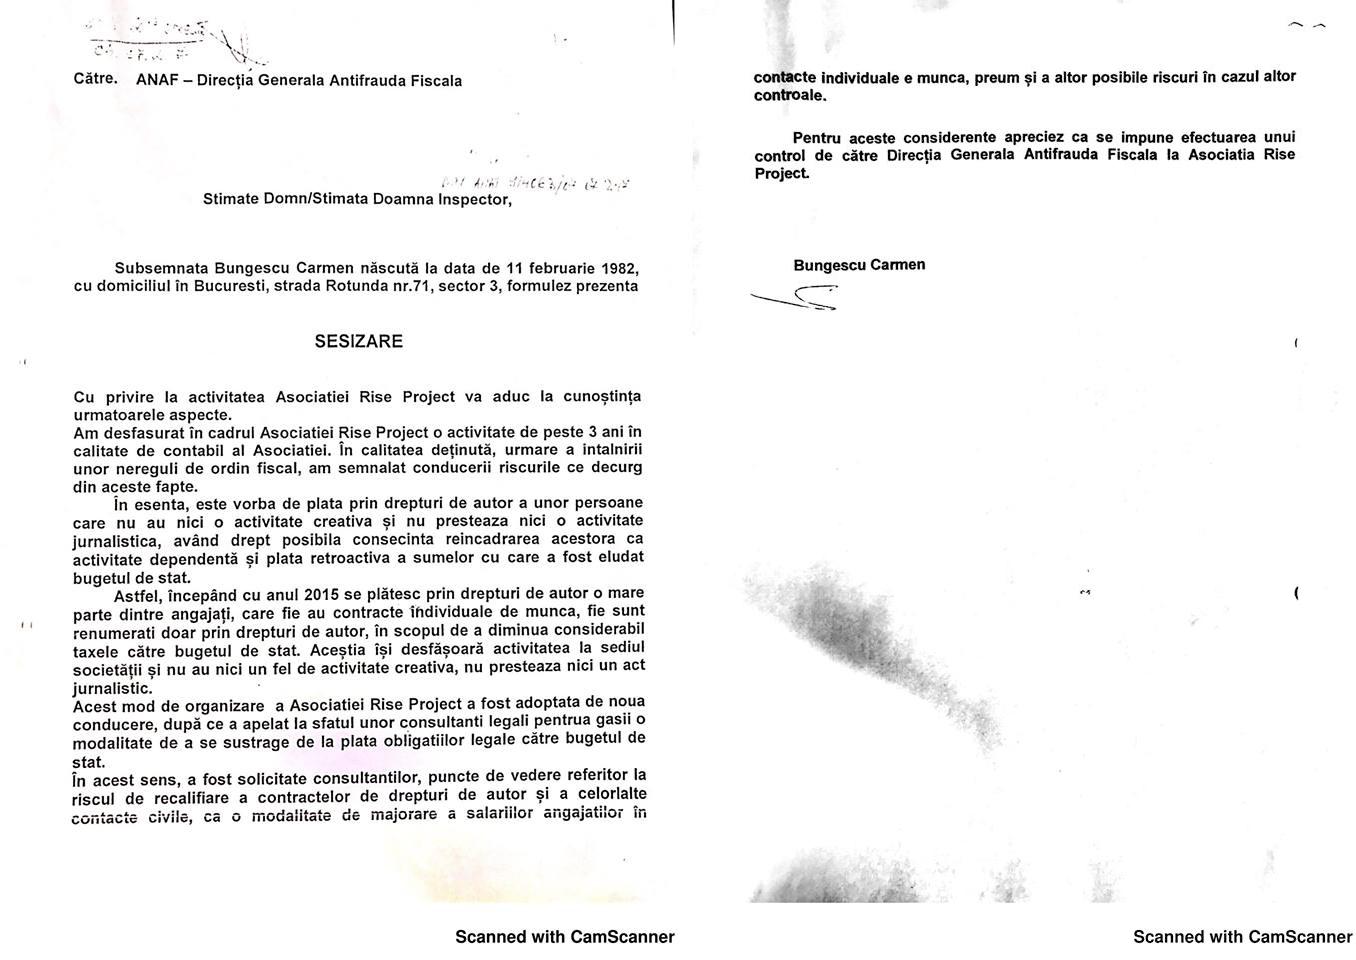 Acesta este denunțul fiscal care a generat controlul ANAF la RISE Project, semnat de o persoană fictivă, potrivit lui Gelu Diaconu, fost șef ANAF